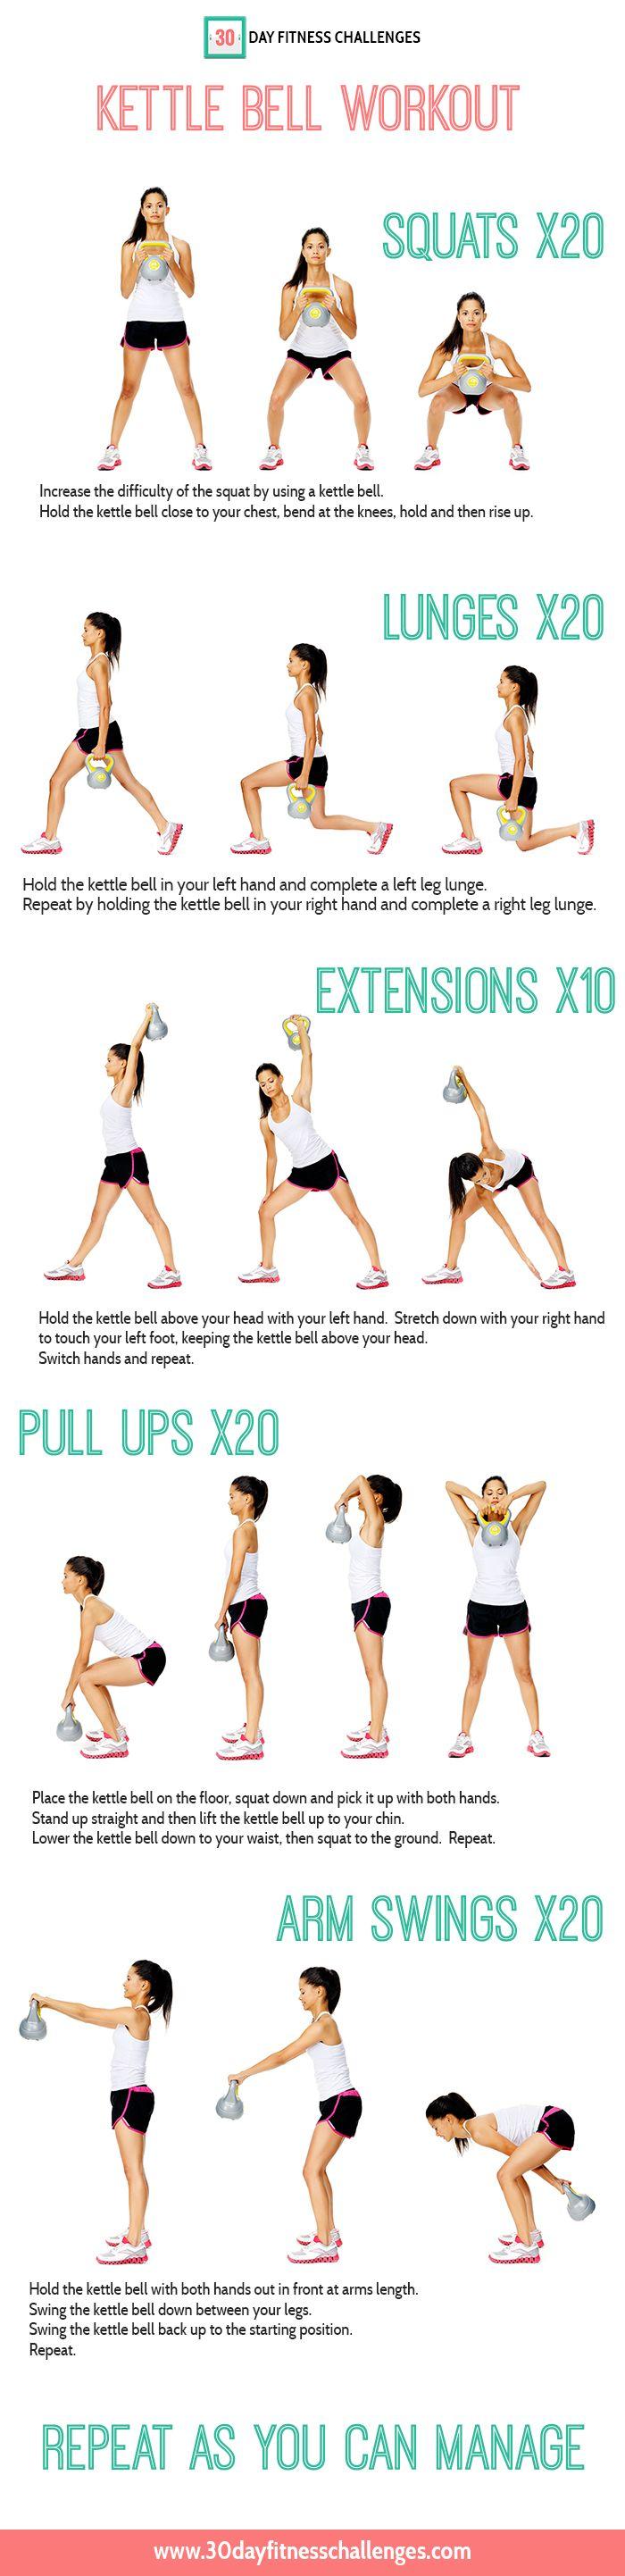 Fitness Inspiration Monica Forghani Gilvin Kettle Bell